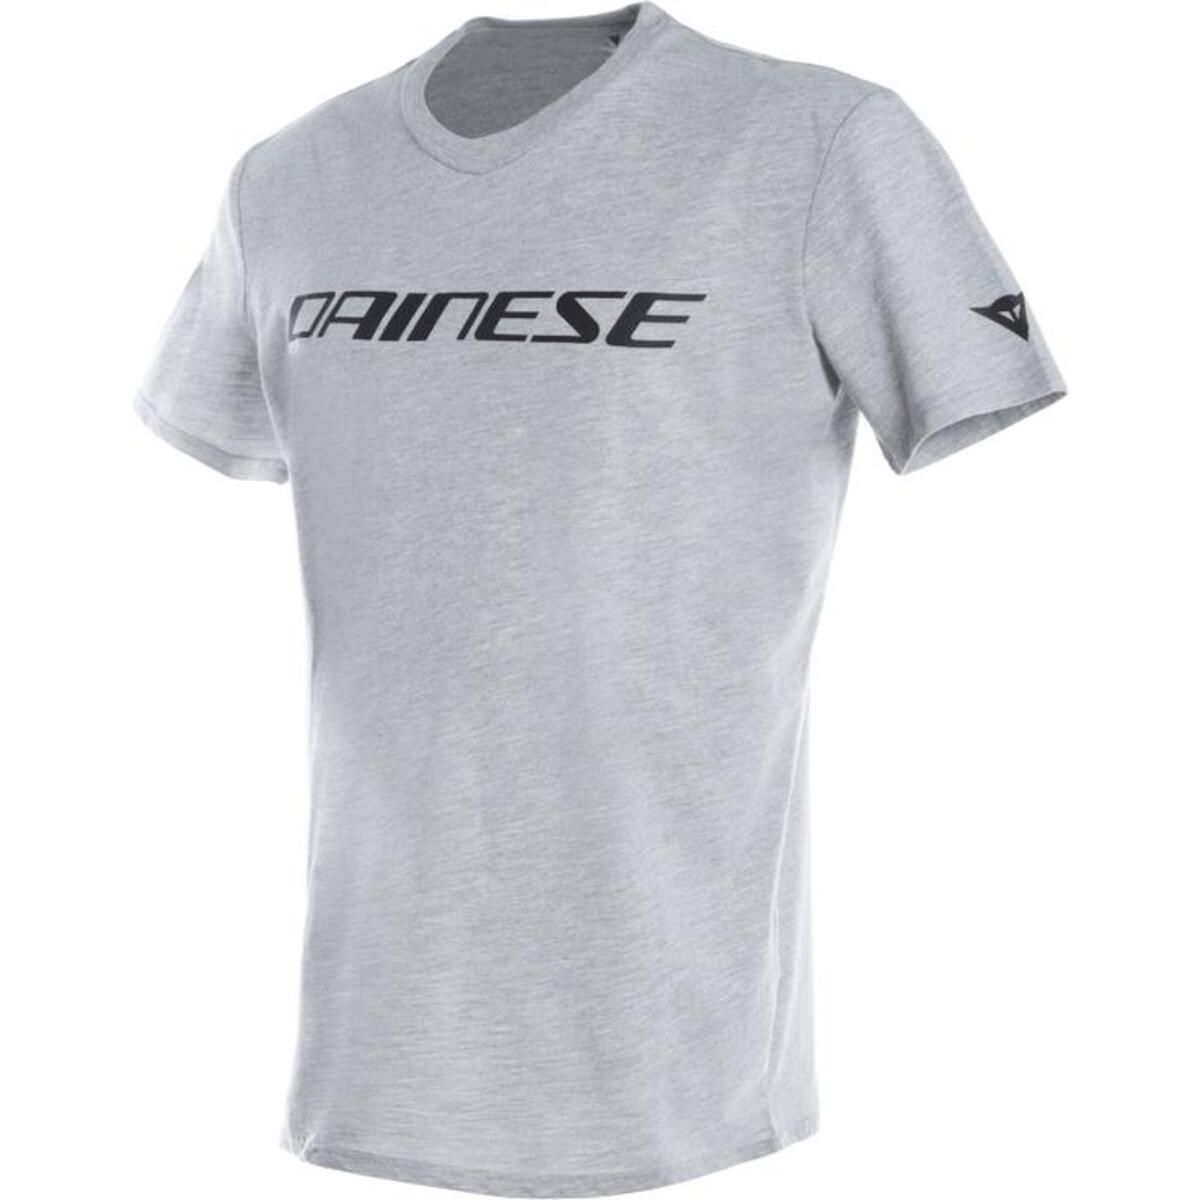 """Bild 2 von Dainese """"Dainese"""" T-Shirt grau Herren Größe XXL"""